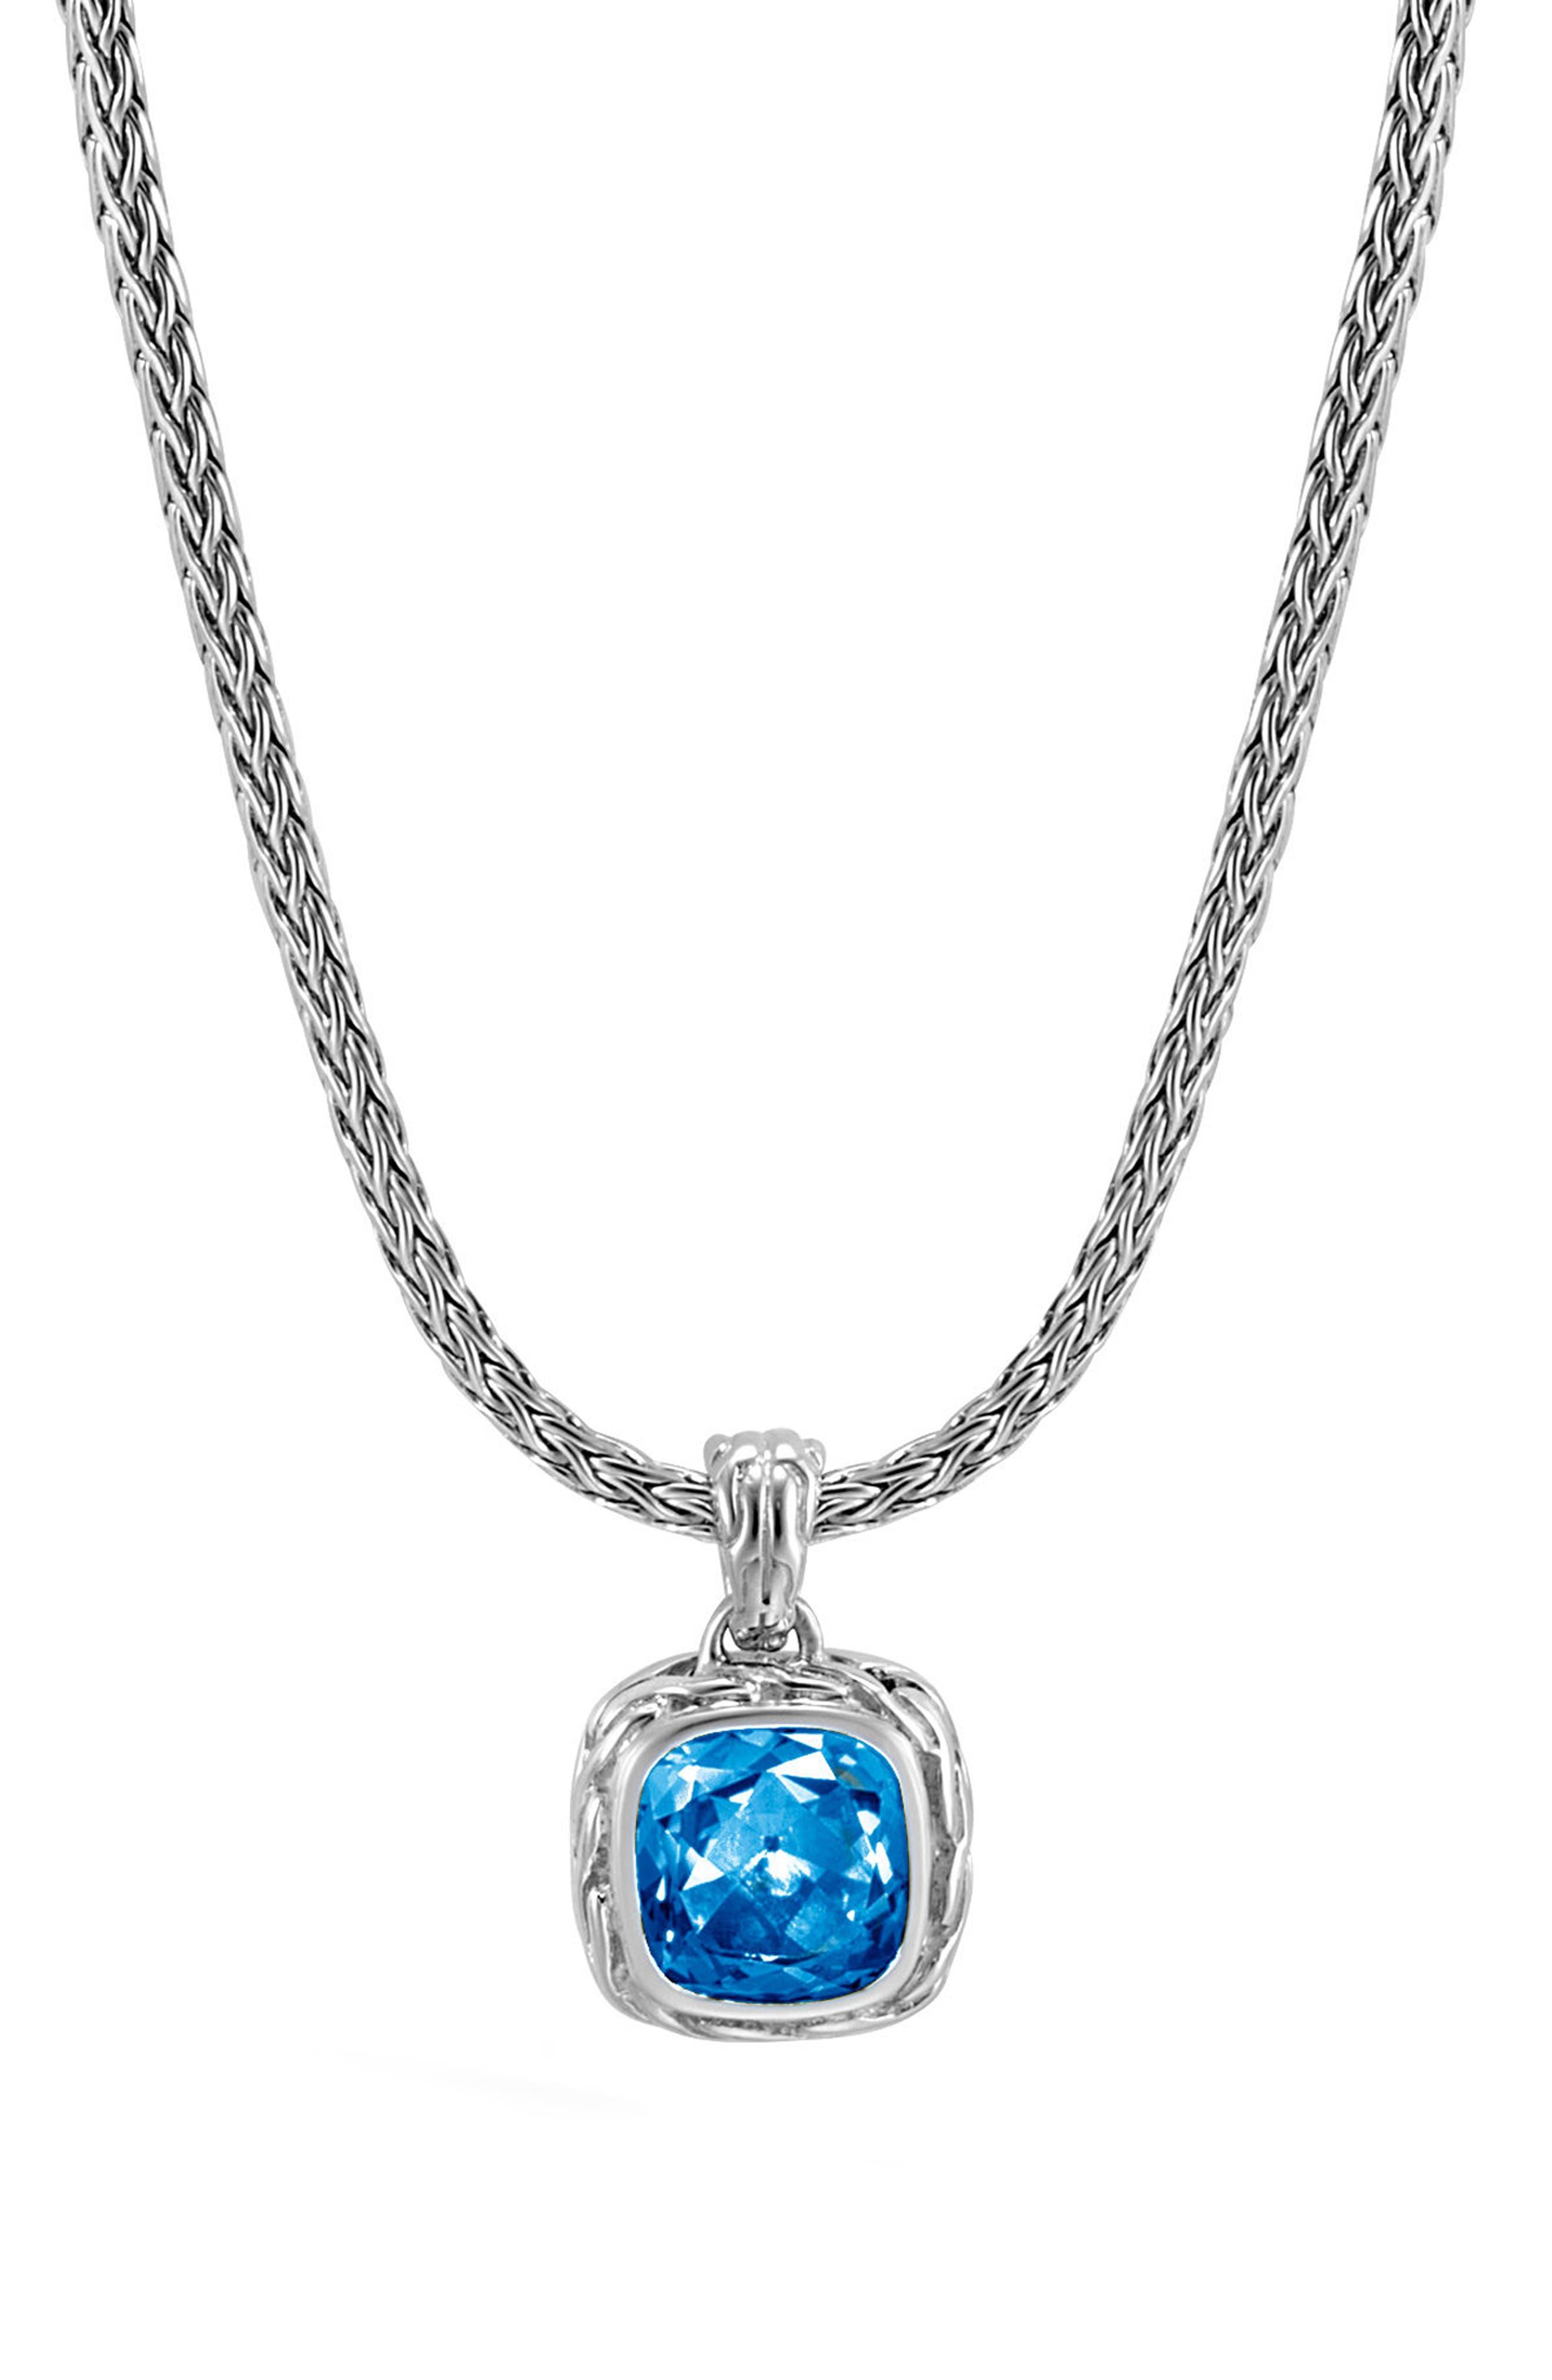 Magic Cut Blue Topaz Pendant Necklace,                         Main,                         color, Silver/ London Blue Topaz